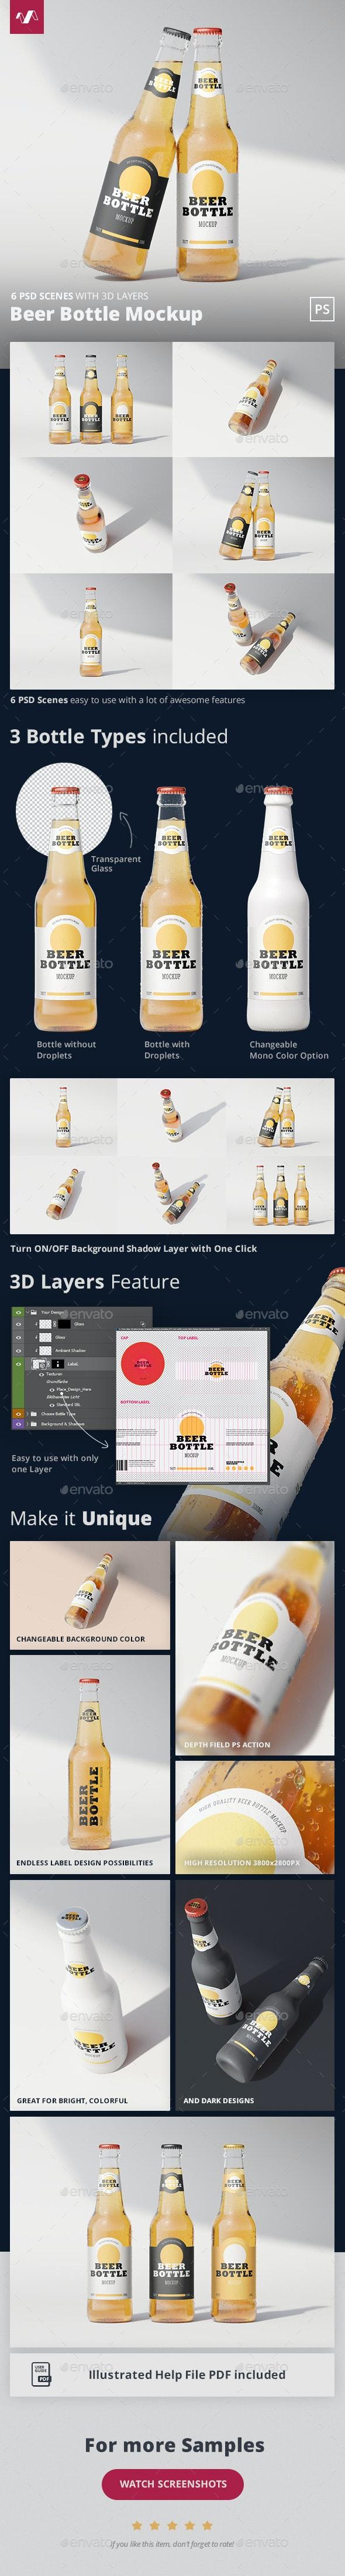 Beer Bottle Mockup - Food and Drink Packaging